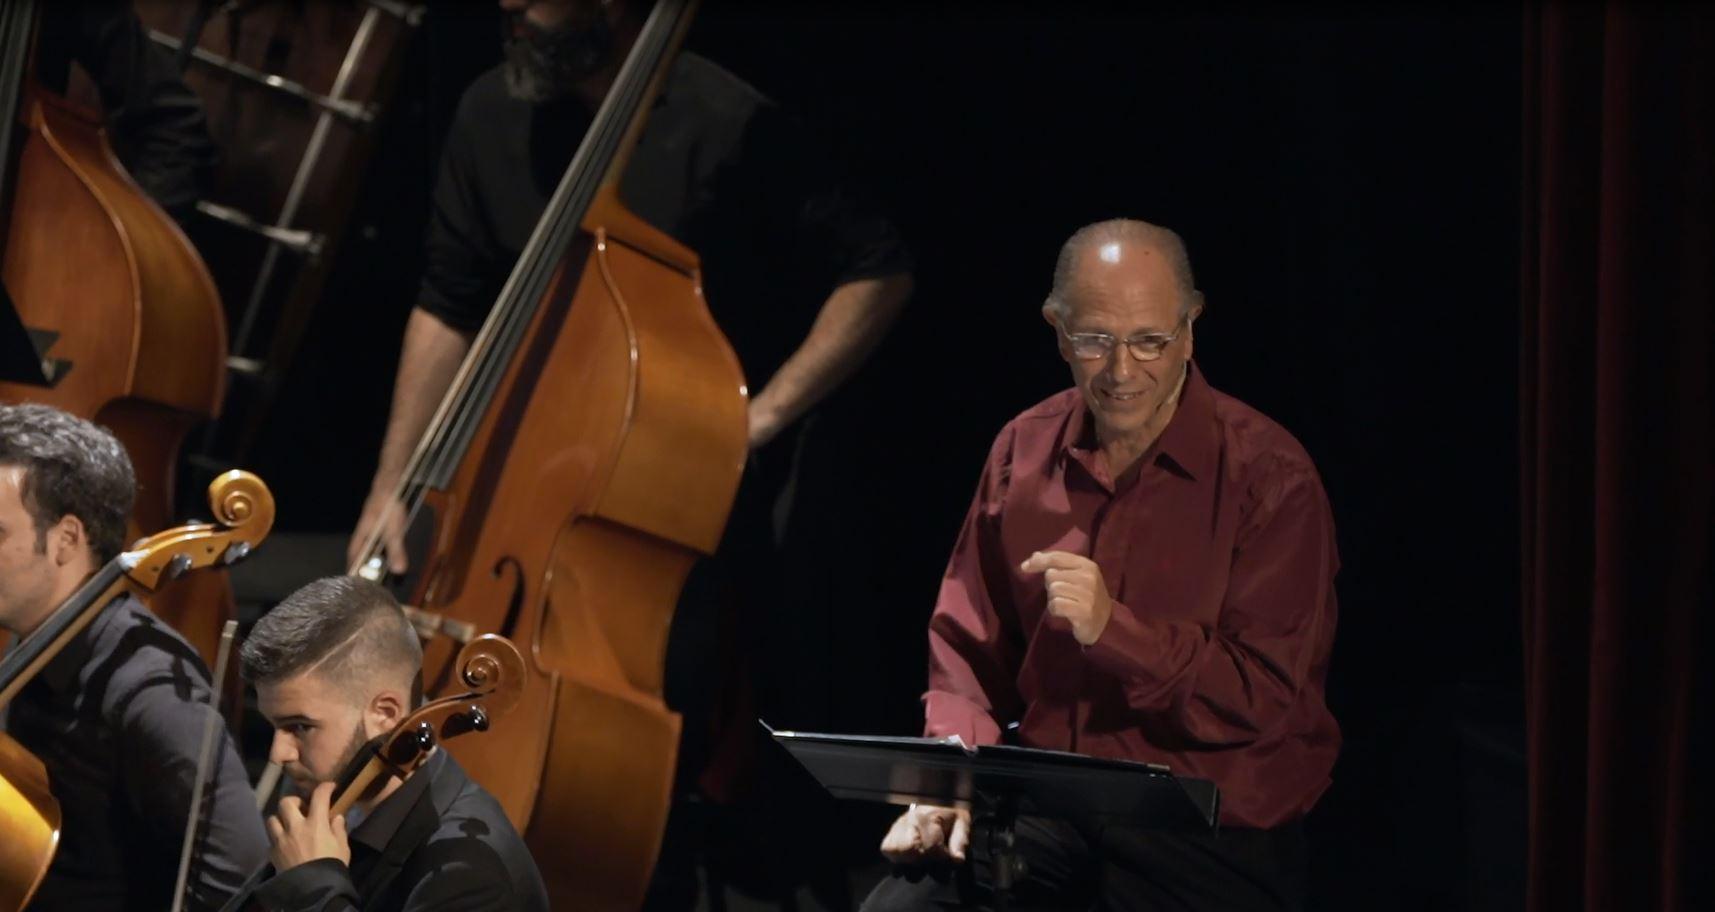 El narrador Ricardo Ducatenzeiler, autor también del guión del concierto